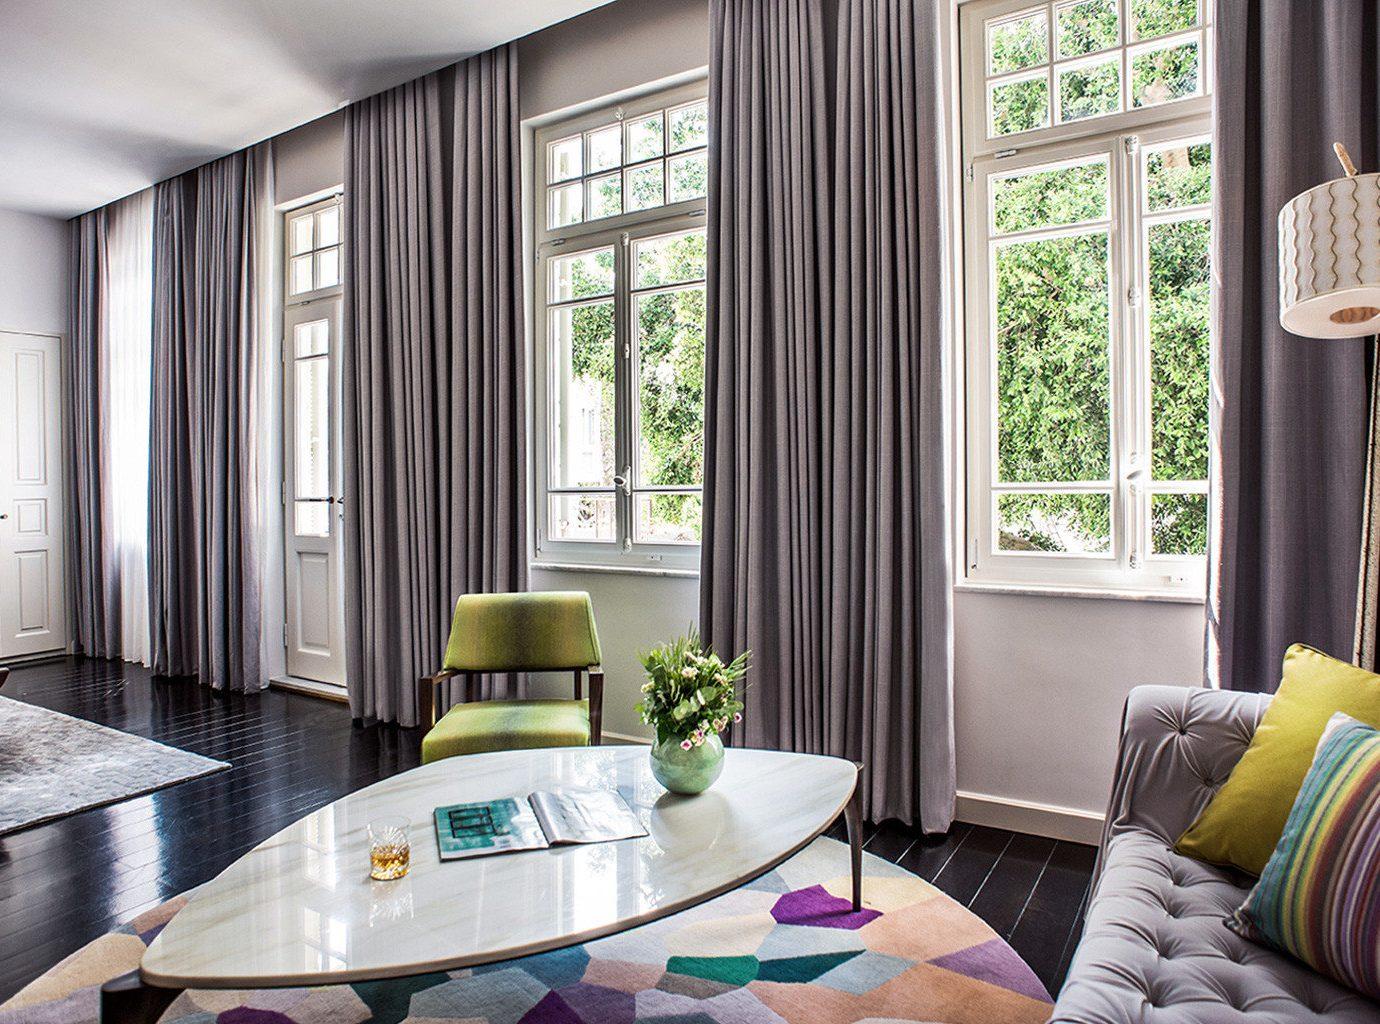 Boutique City Hip Modern Suite property home living room curtain condominium cottage textile window treatment